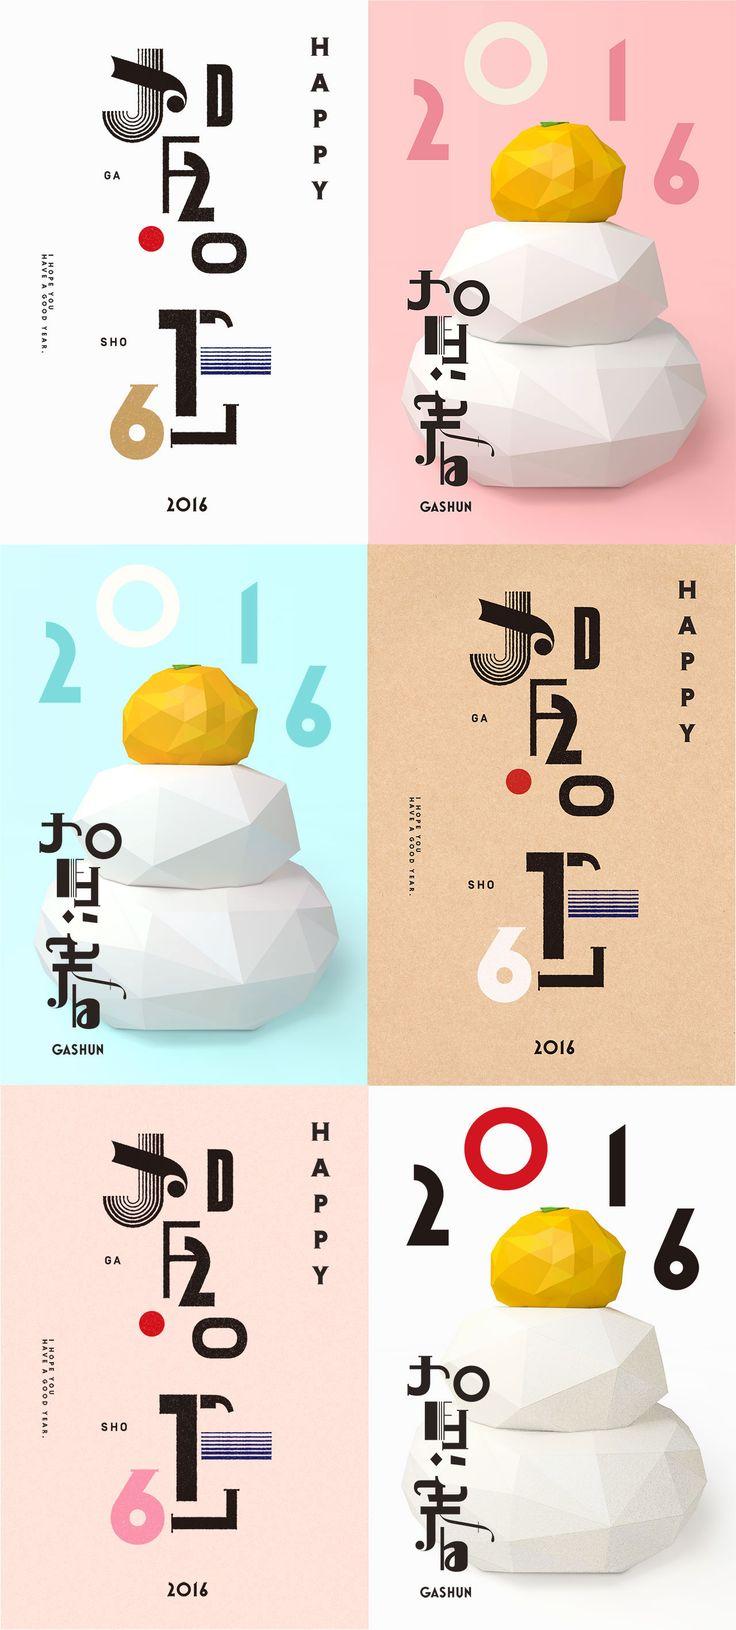 New Year's Card 2016 Sale at Aflo mall 年賀状©KAZUNORI GAMO @GRAPHITICA